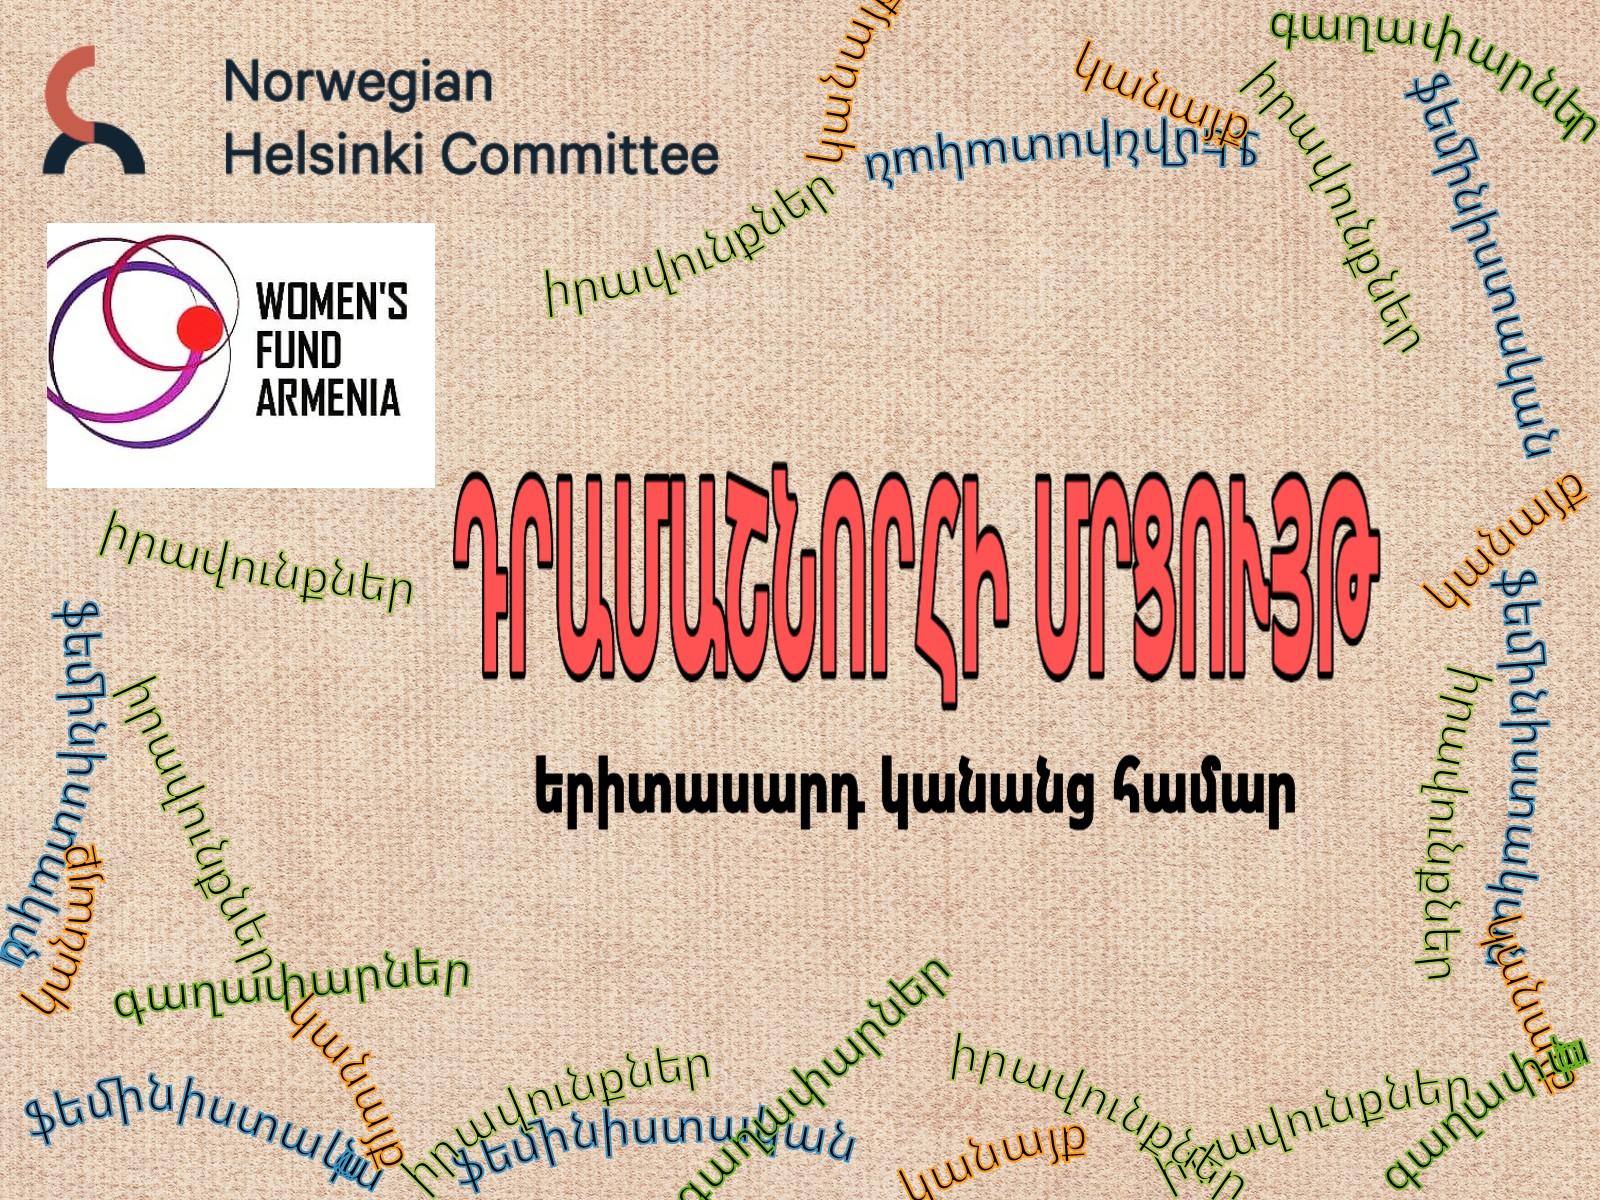 Ֆեմինիստական դրամաշնորհի մրցույթ երիտասարդ կանանց համար